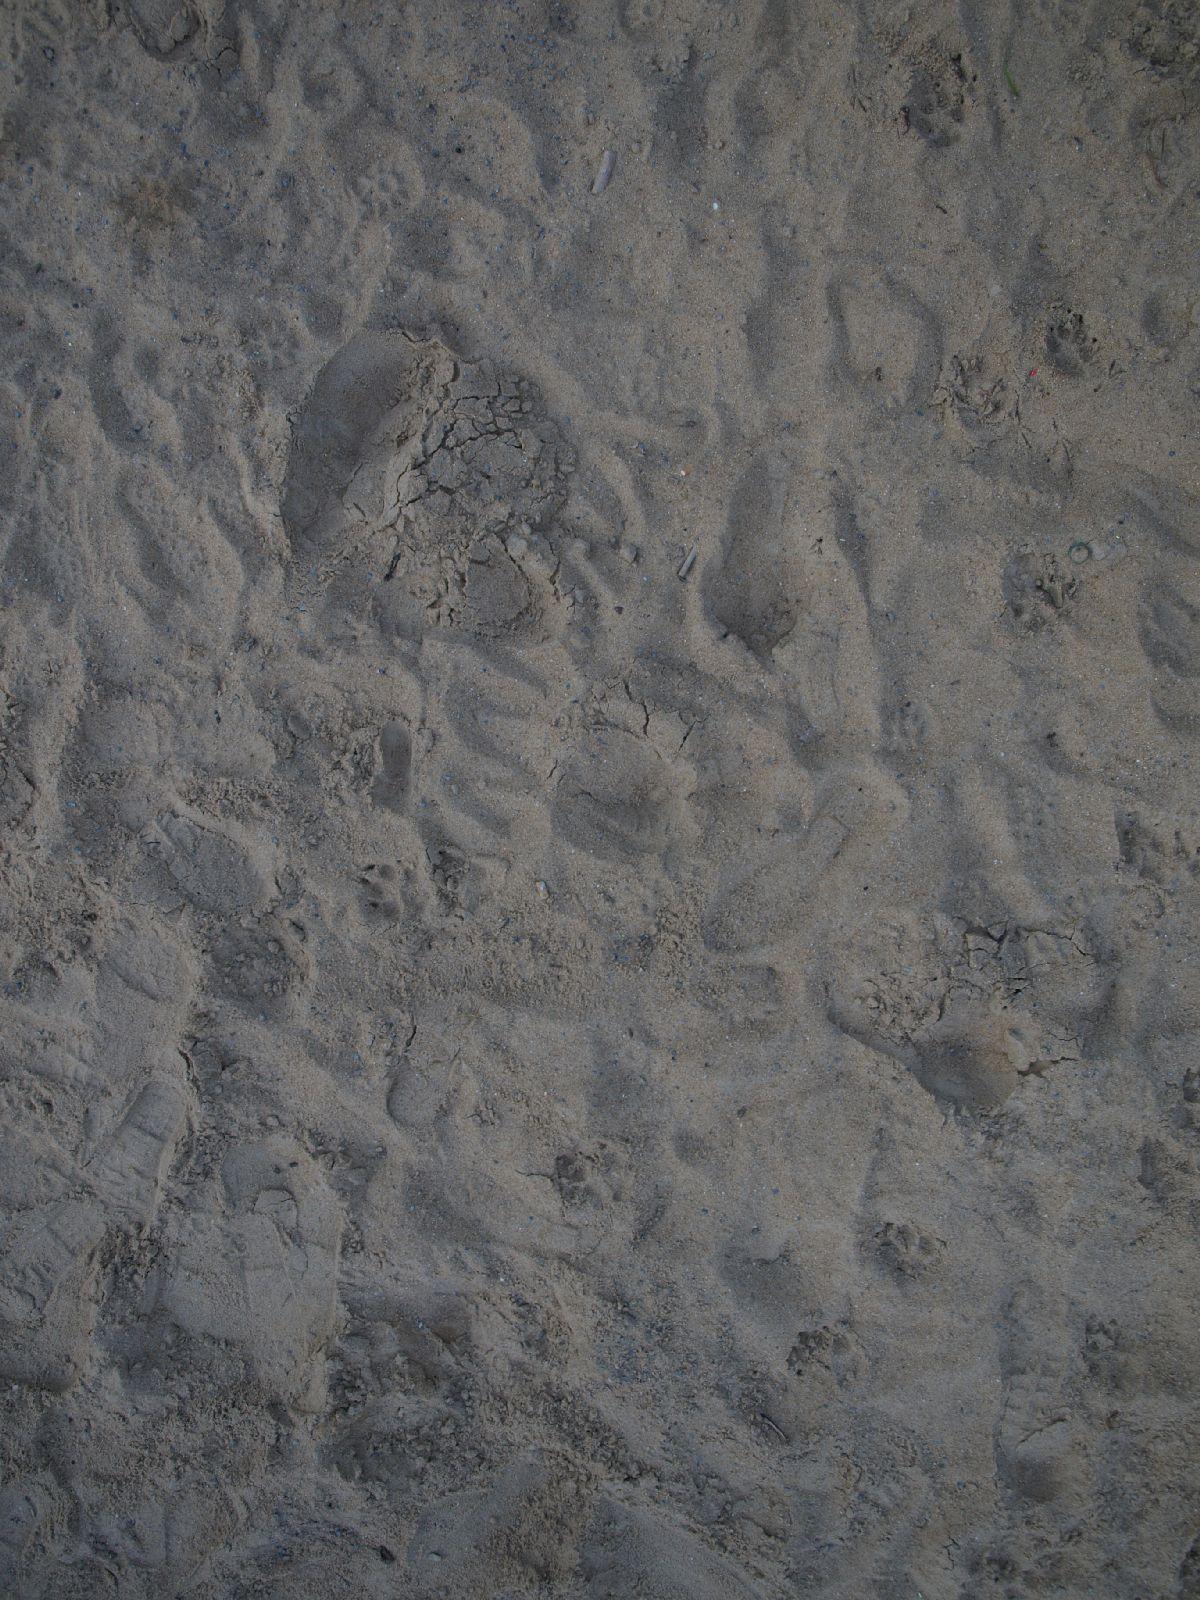 Boden-Erde-Steine_A_P4201602